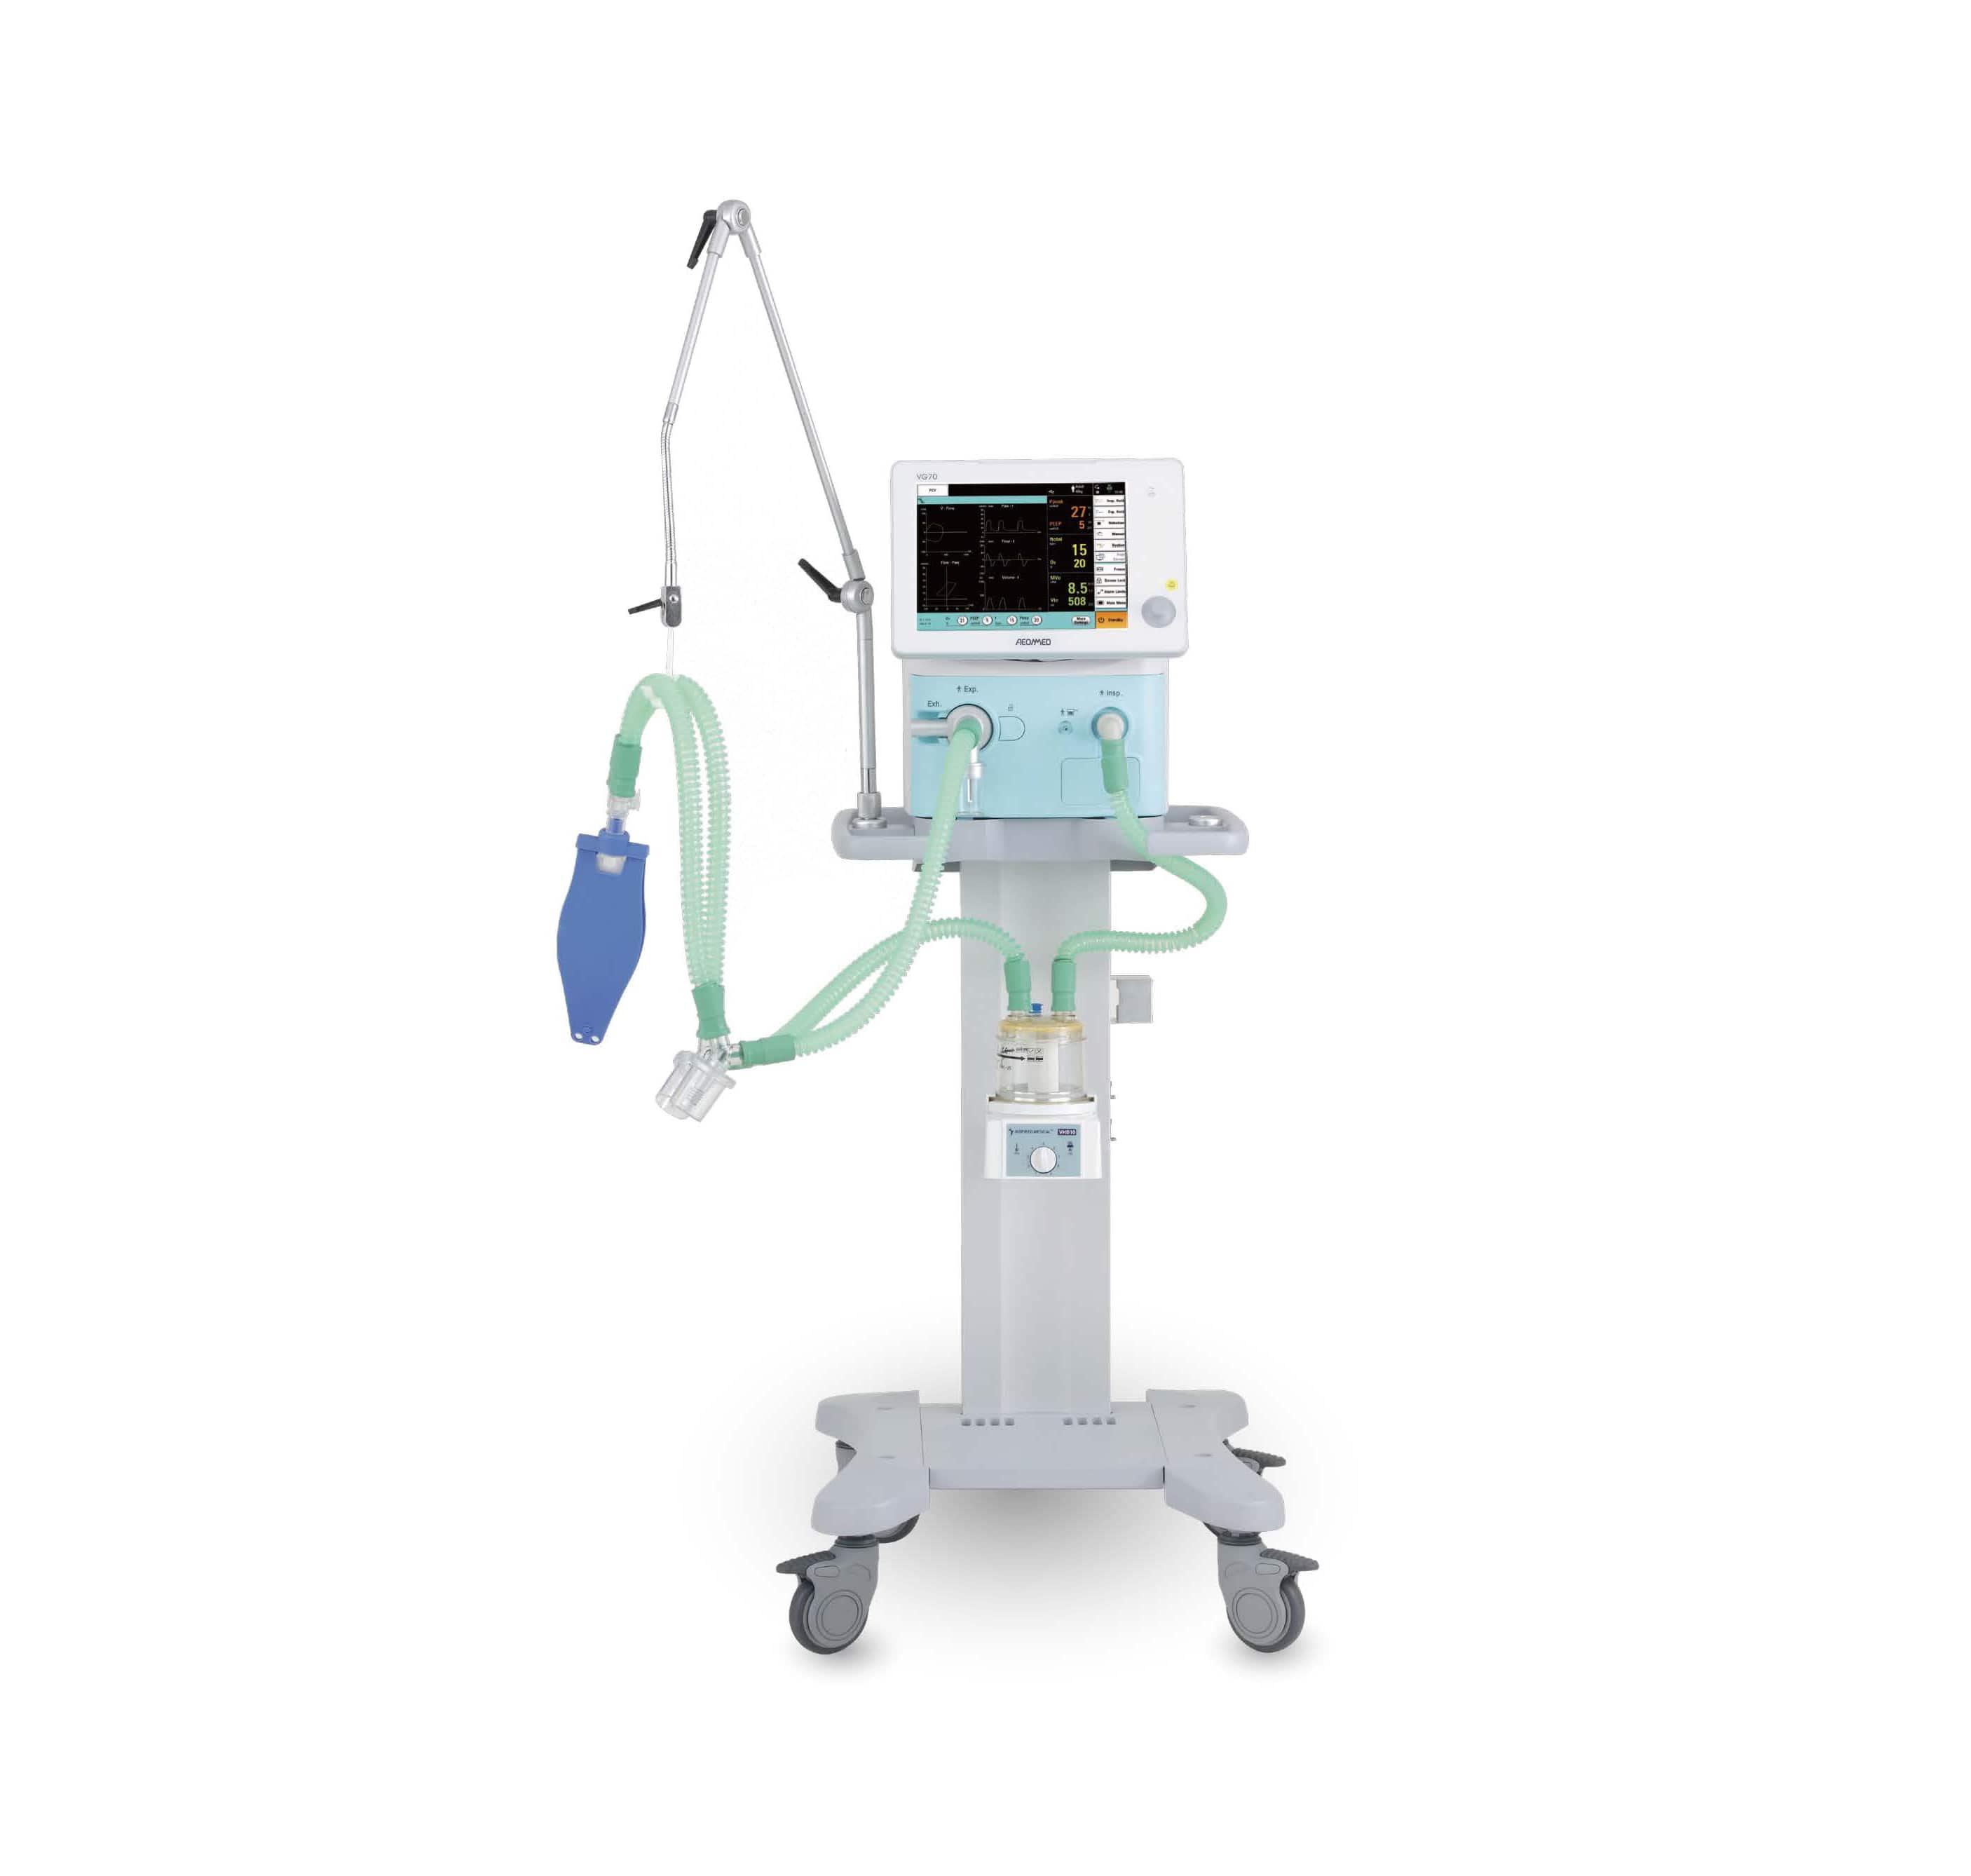 Invasive and Noninvasive Ventilator VG70 for sale